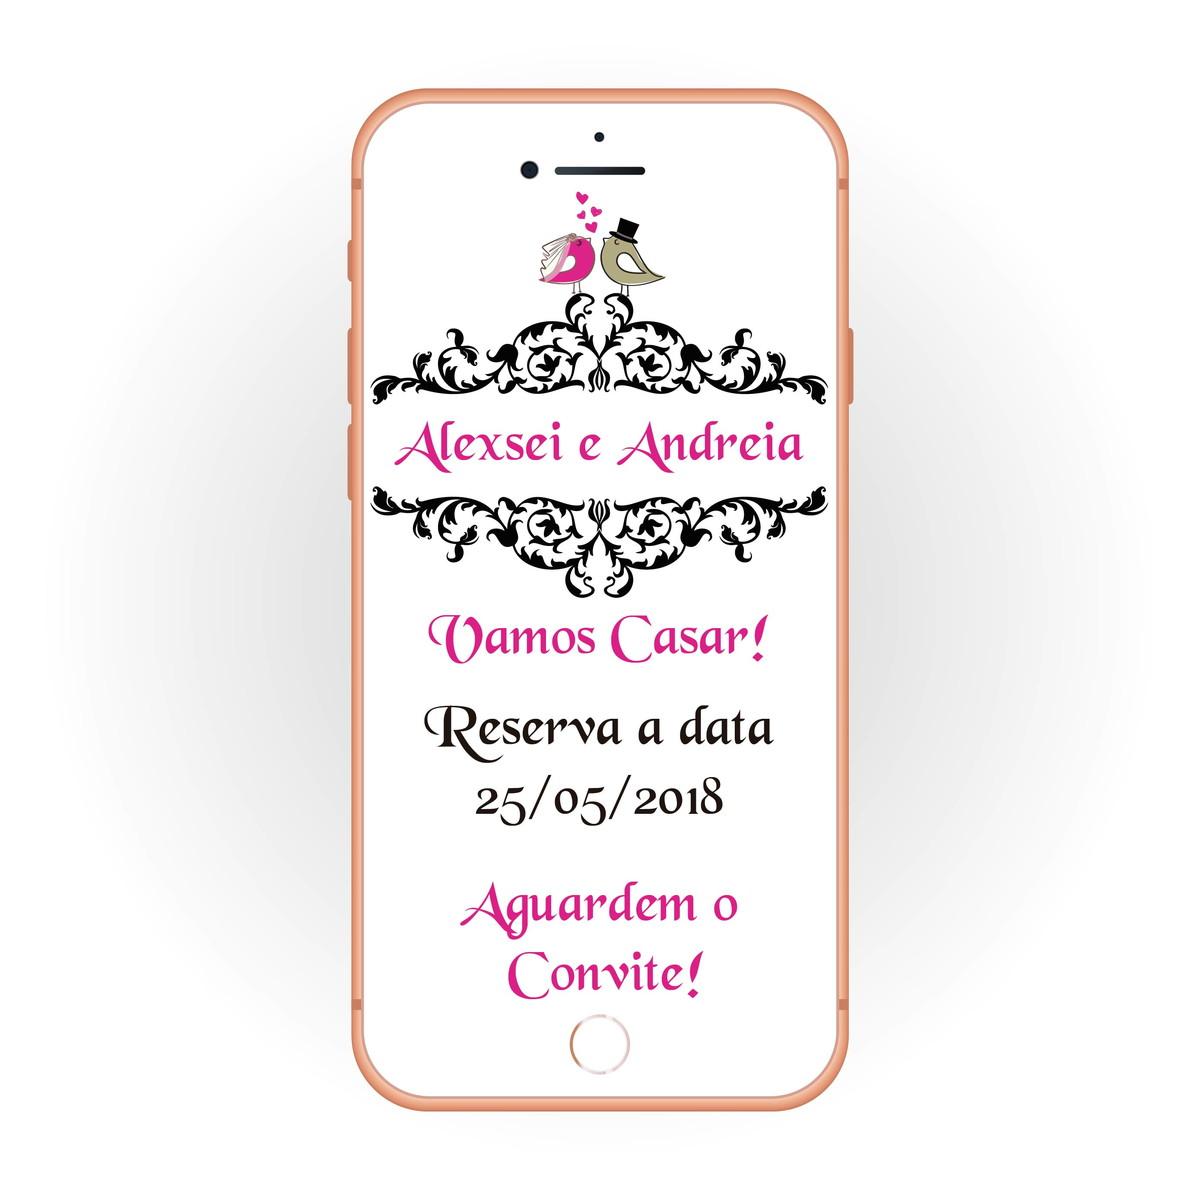 Convites de casamento personalizados online dating